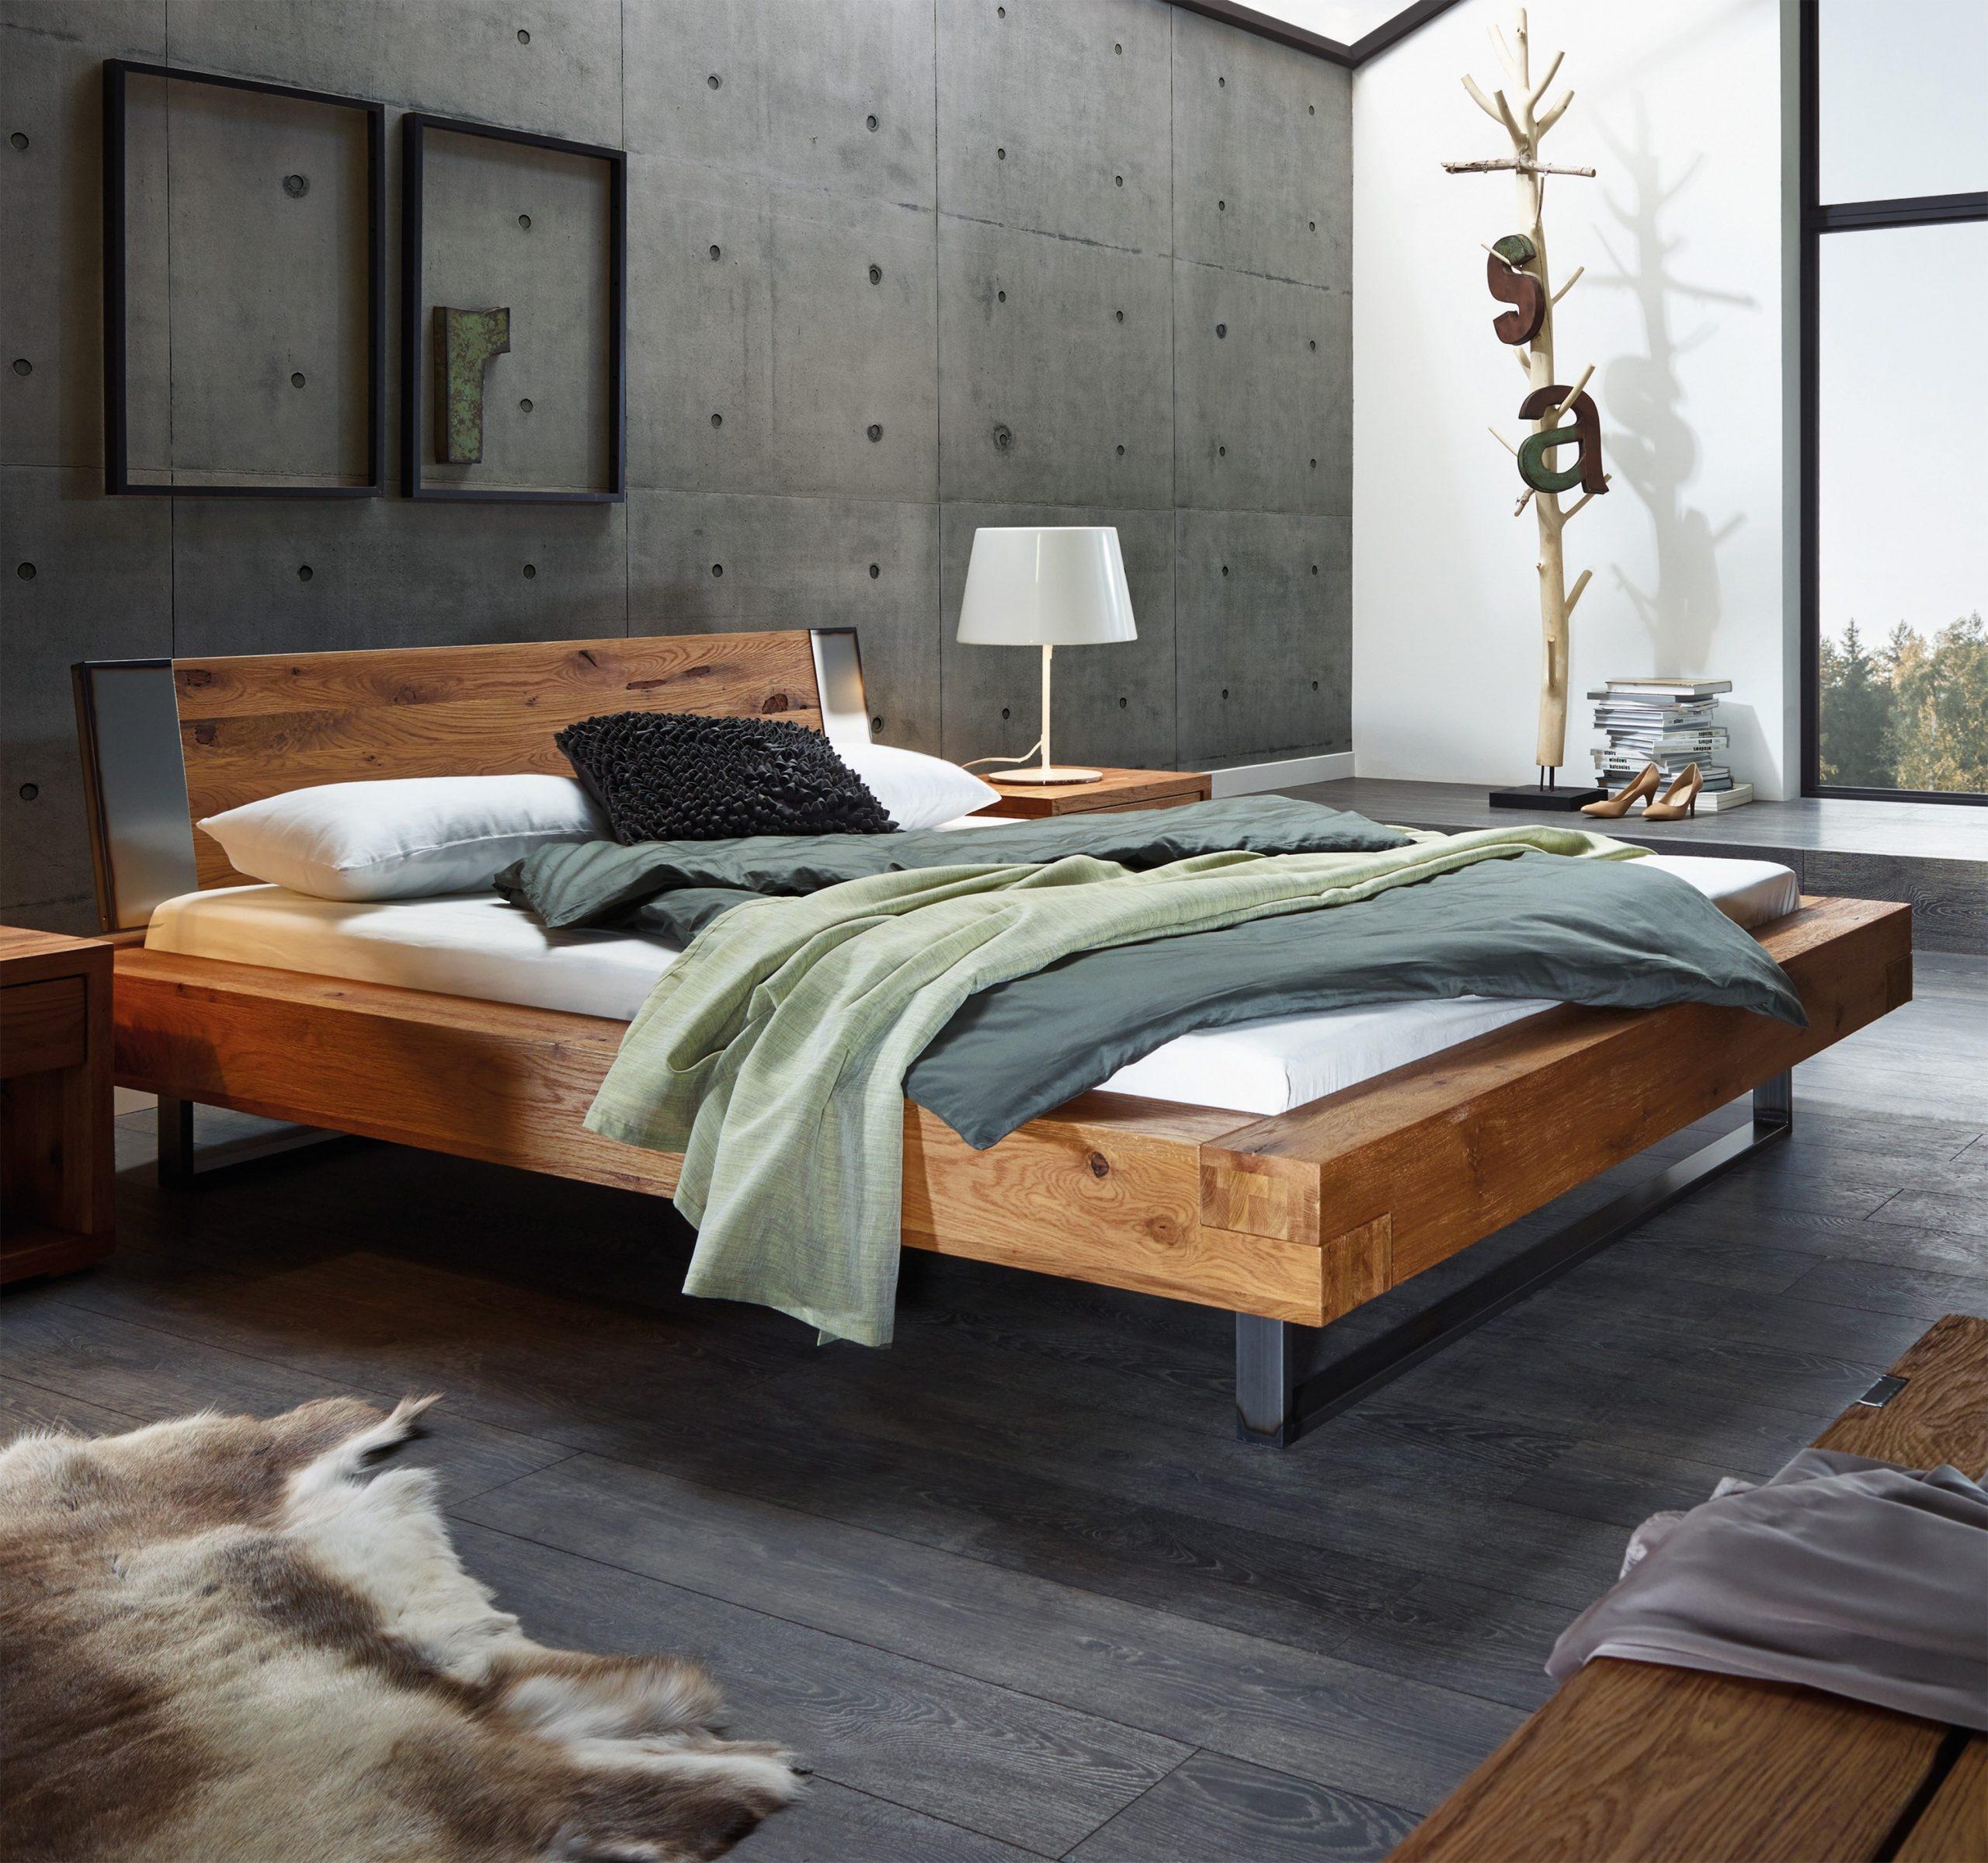 Full Size of Hasena Oak Wild Bett Aosta 16 Kufen 20 Kopfteil Sion Deko Capa 200x200 Ausziehbares 180x220 Betten Für übergewichtige 90x190 140x200 Kinder Hoch Bett 200x200 Bett